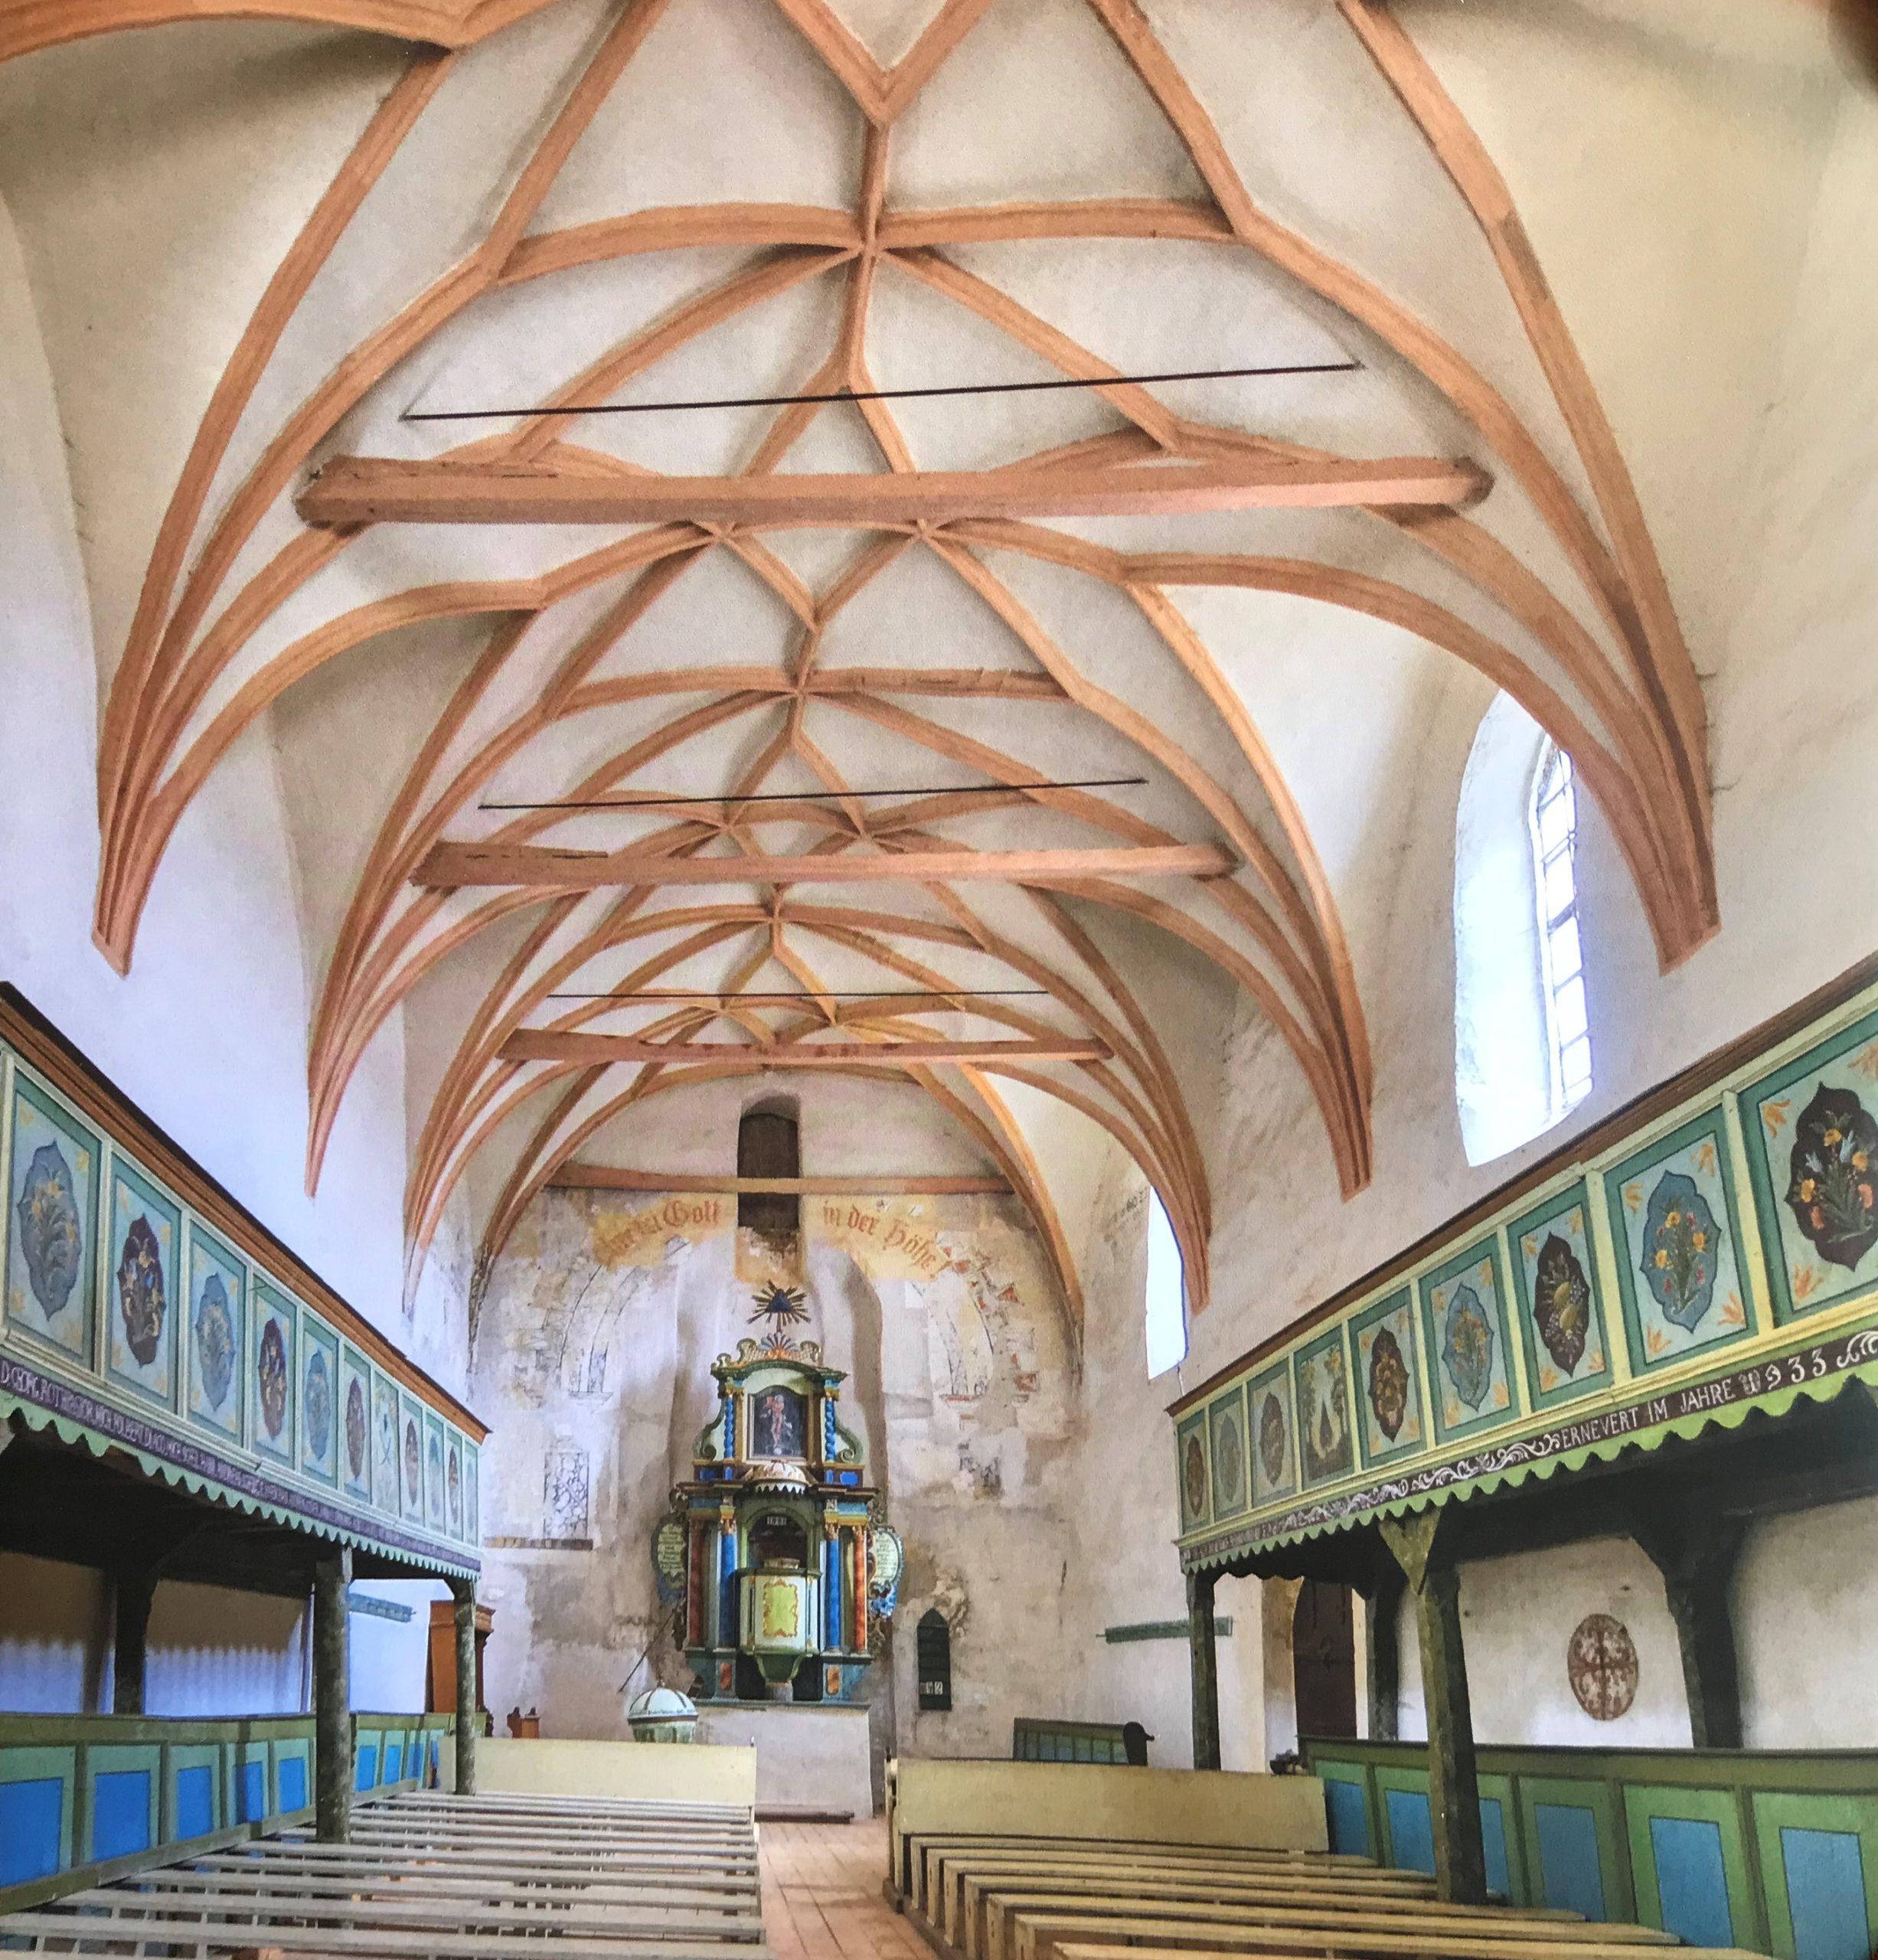 Innenansicht mit Kanzelaltar der Kirche von Neithausen in Siebenbuergen